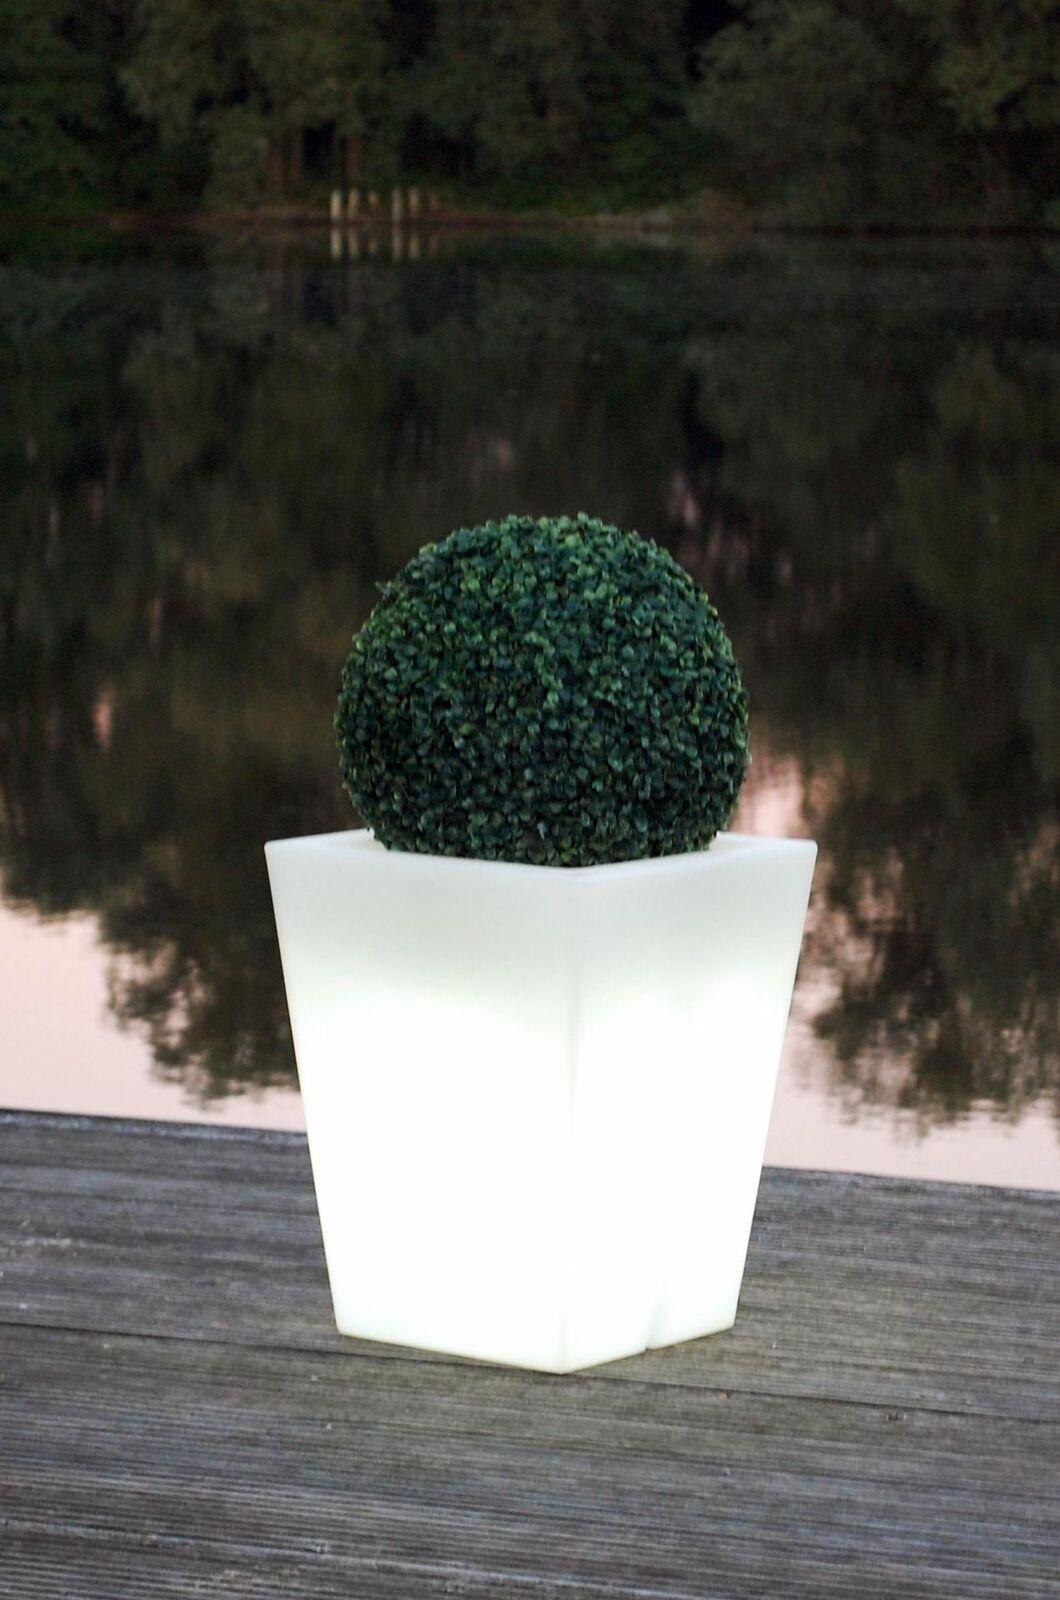 miglior servizio Porta vaso fioriera  Classic  illuminato in plastica, plastica, plastica, 44 cm, Bianco  migliori prezzi e stili più freschi